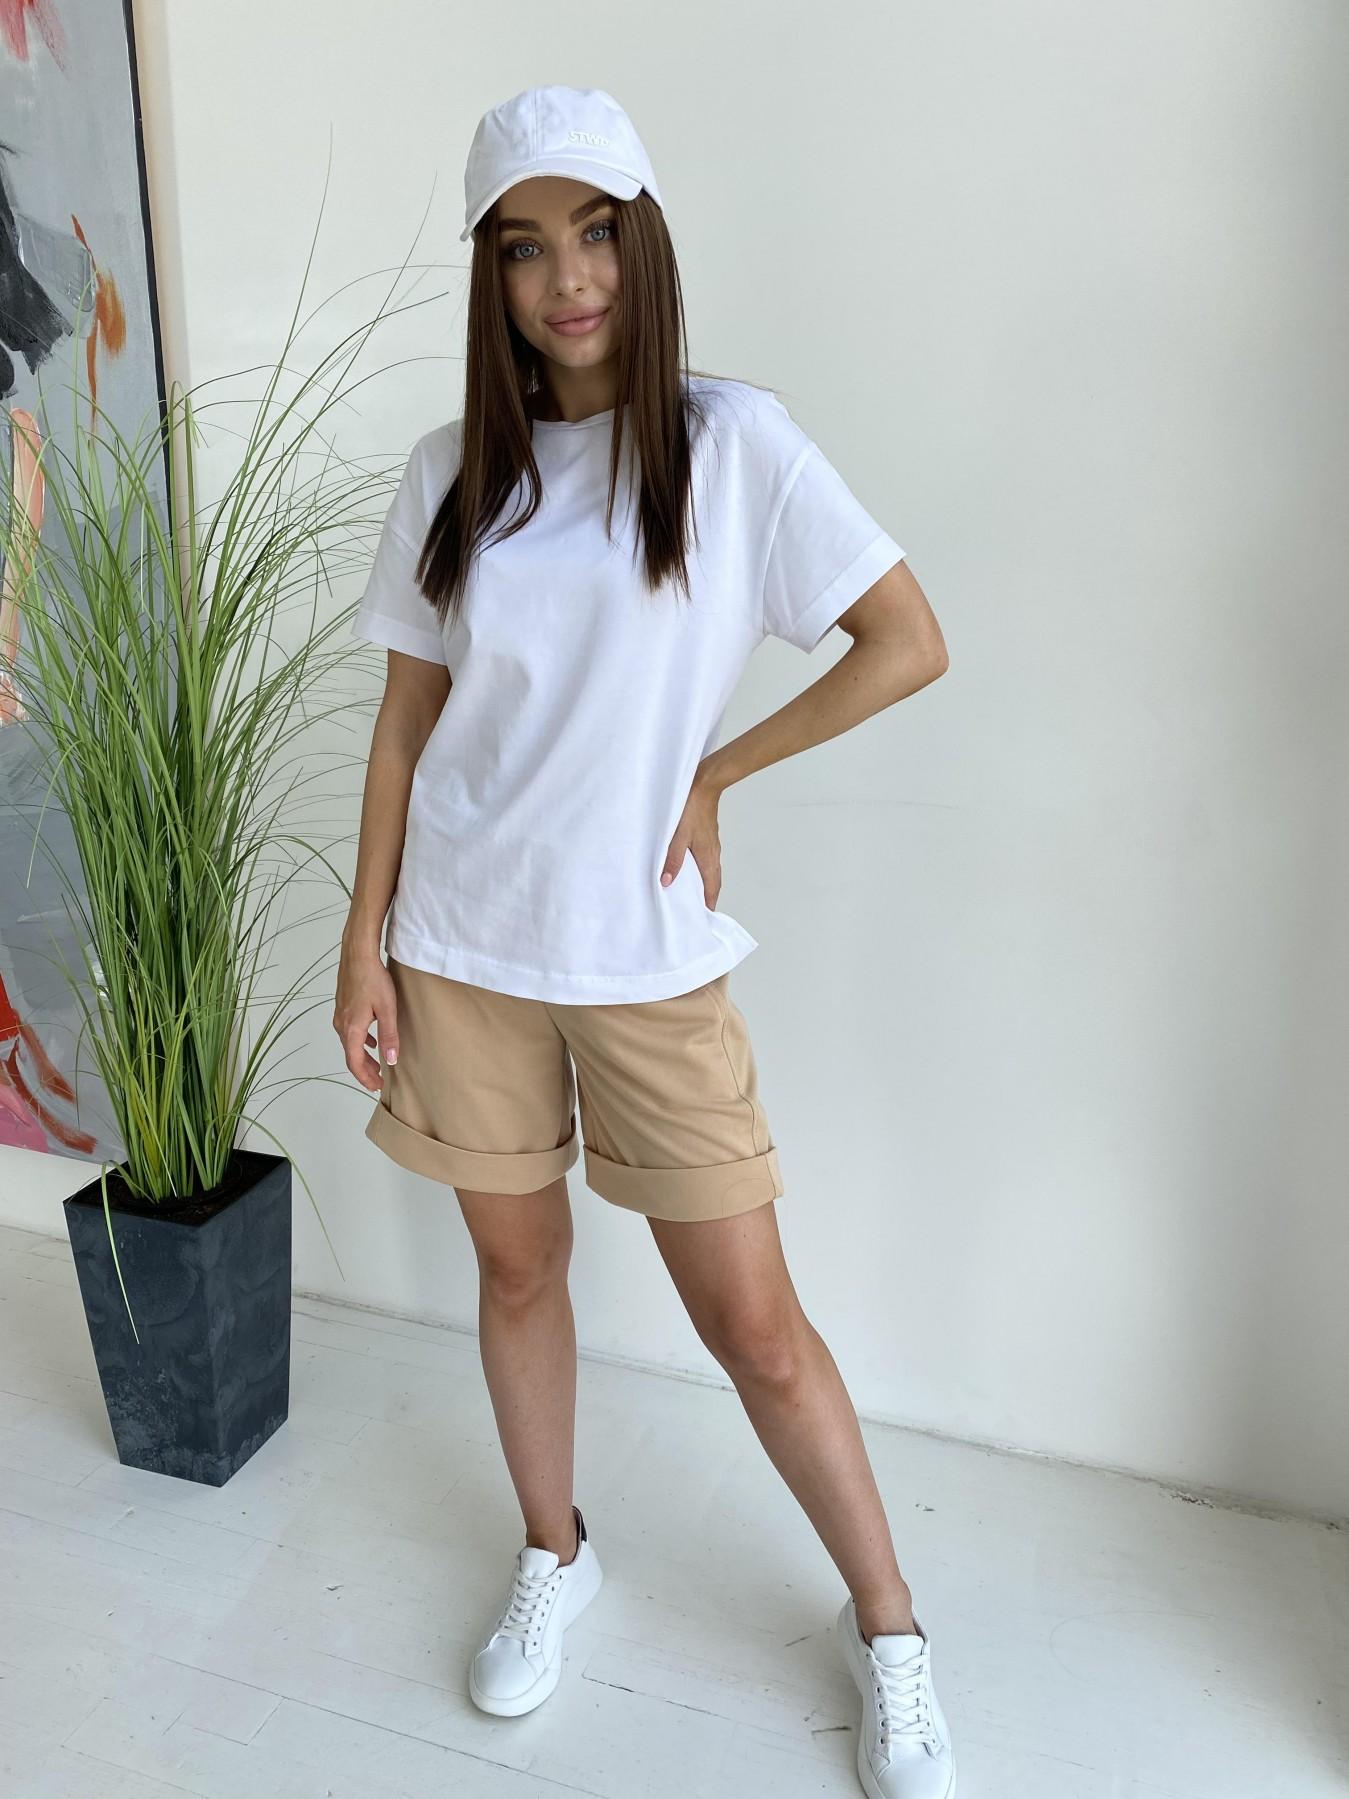 Фарт футболка из вискозы однотонная стрейч хлопок 11570 АРТ. 48285 Цвет: Белый - фото 3, интернет магазин tm-modus.ru